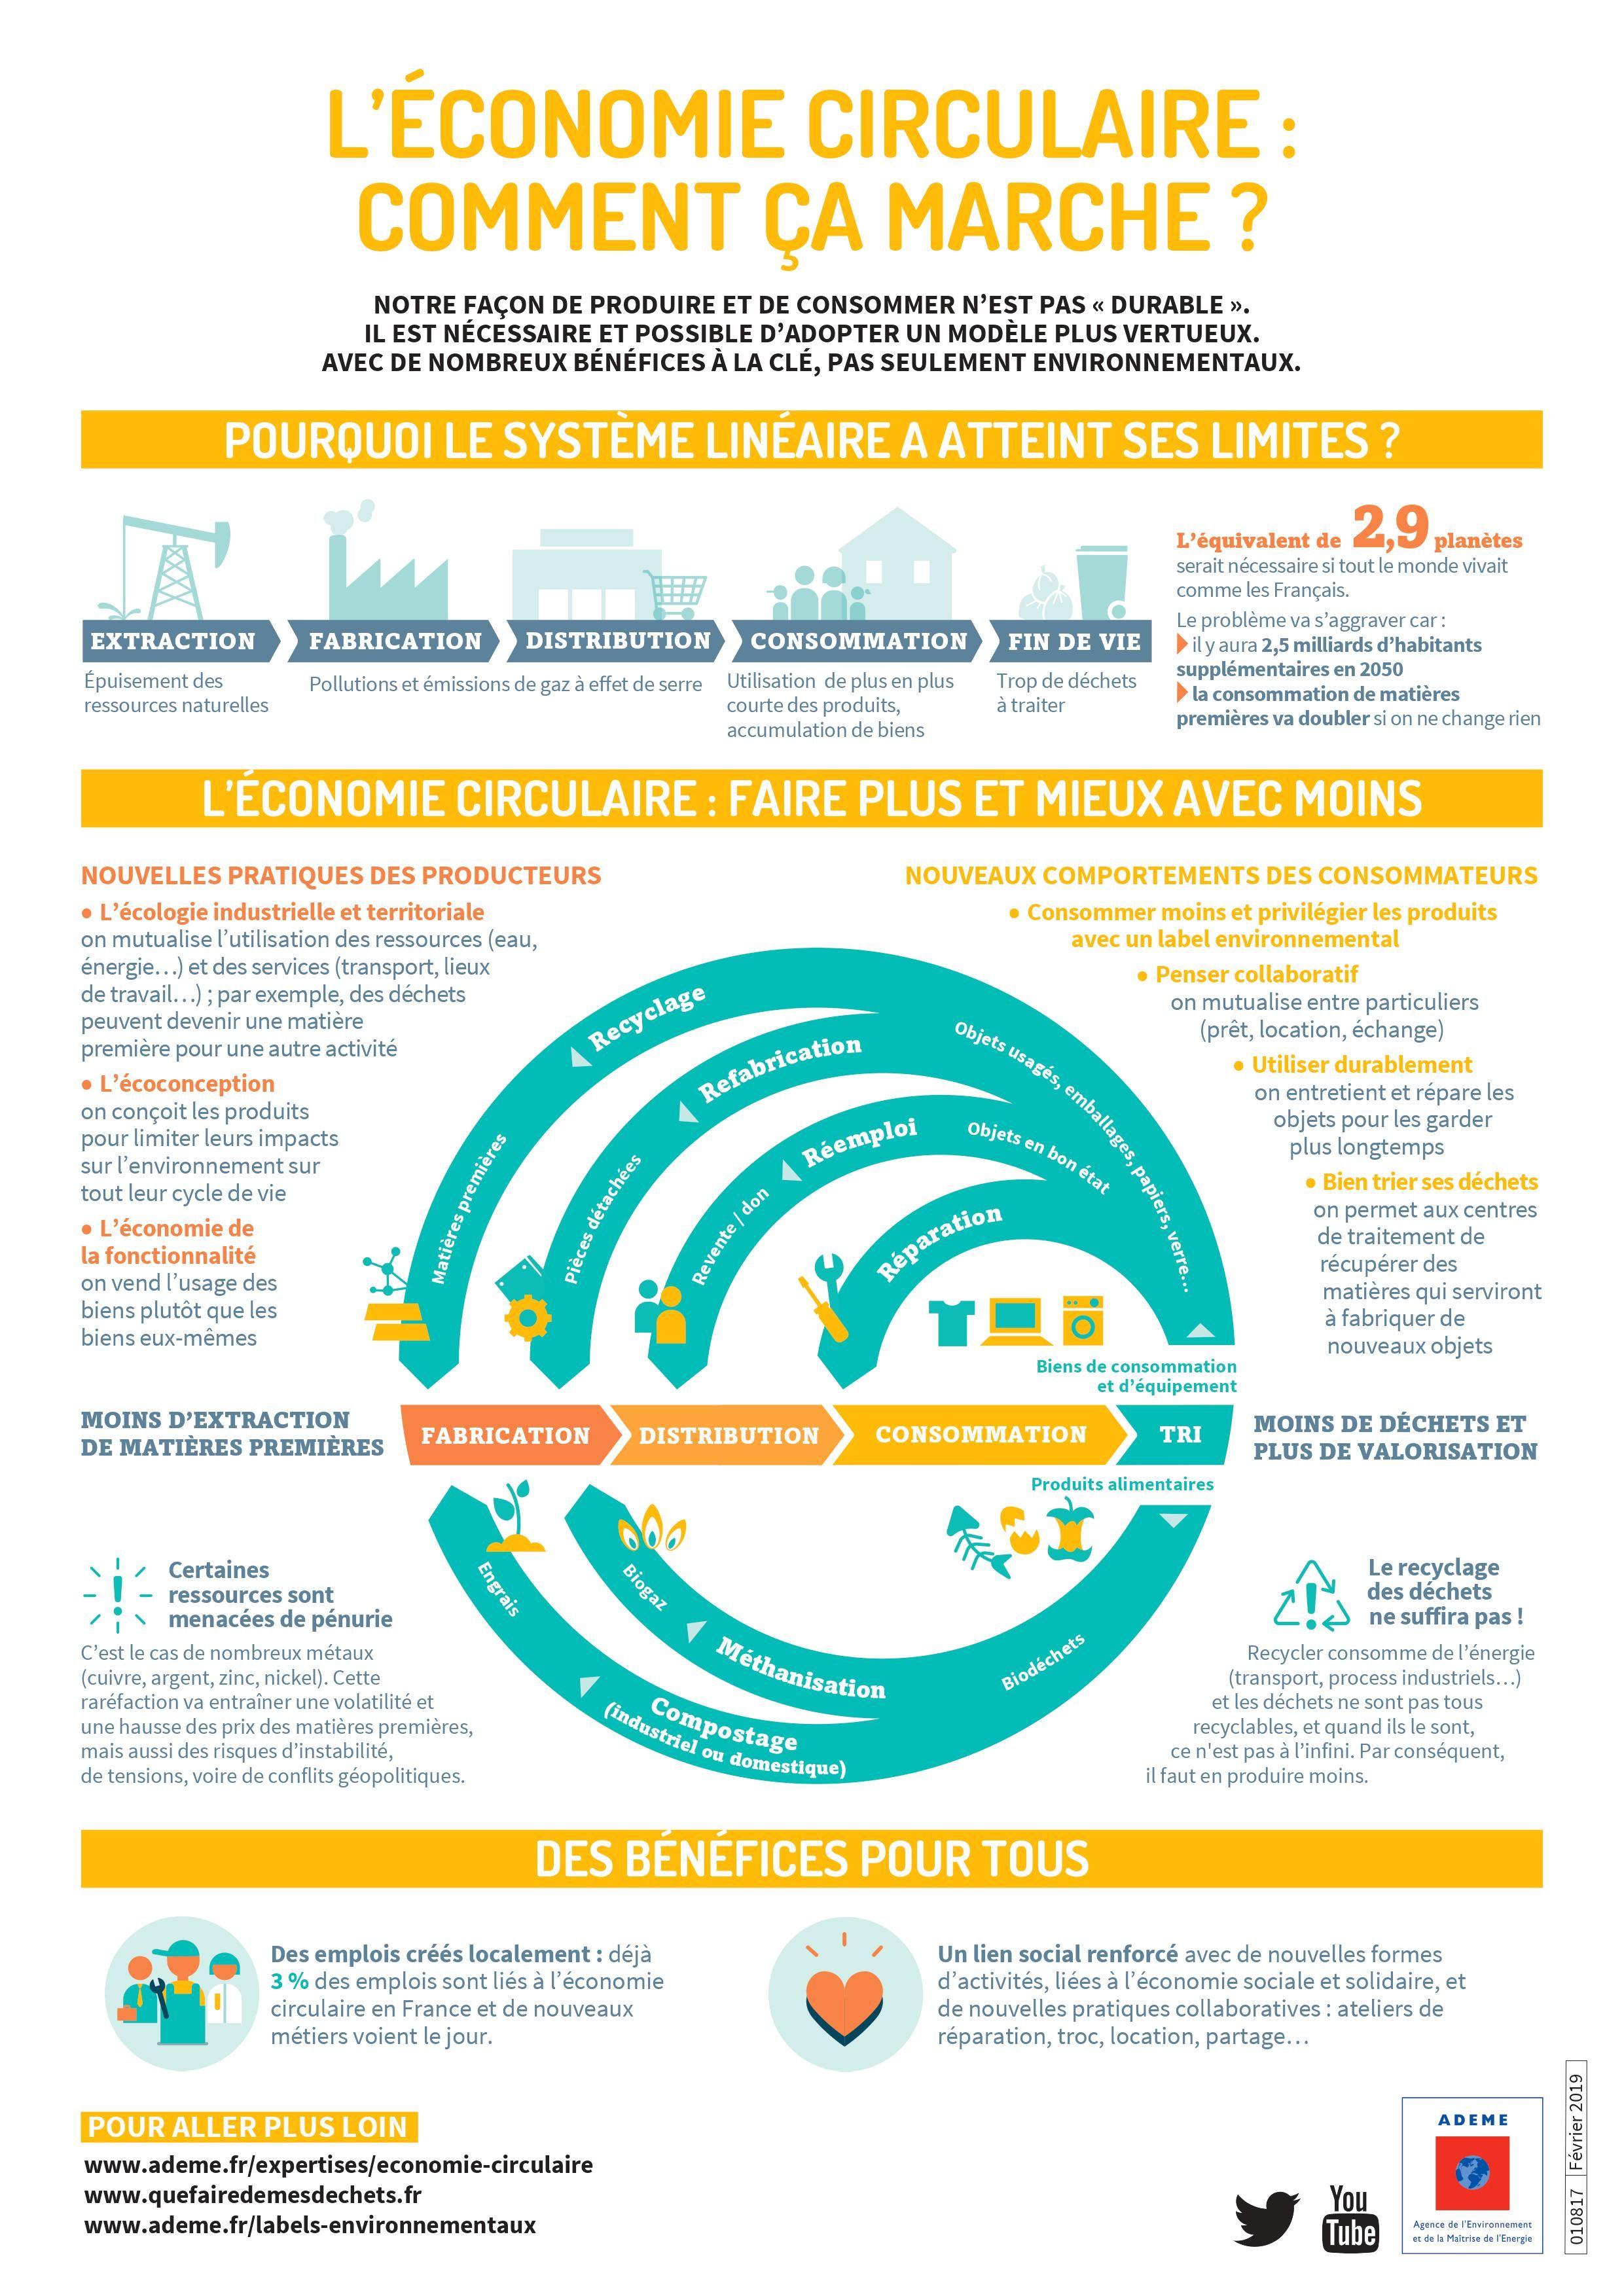 Infographie L Economiecirculaire Comment Ca Marche Economie Circulaire Infographie Developpement Durable